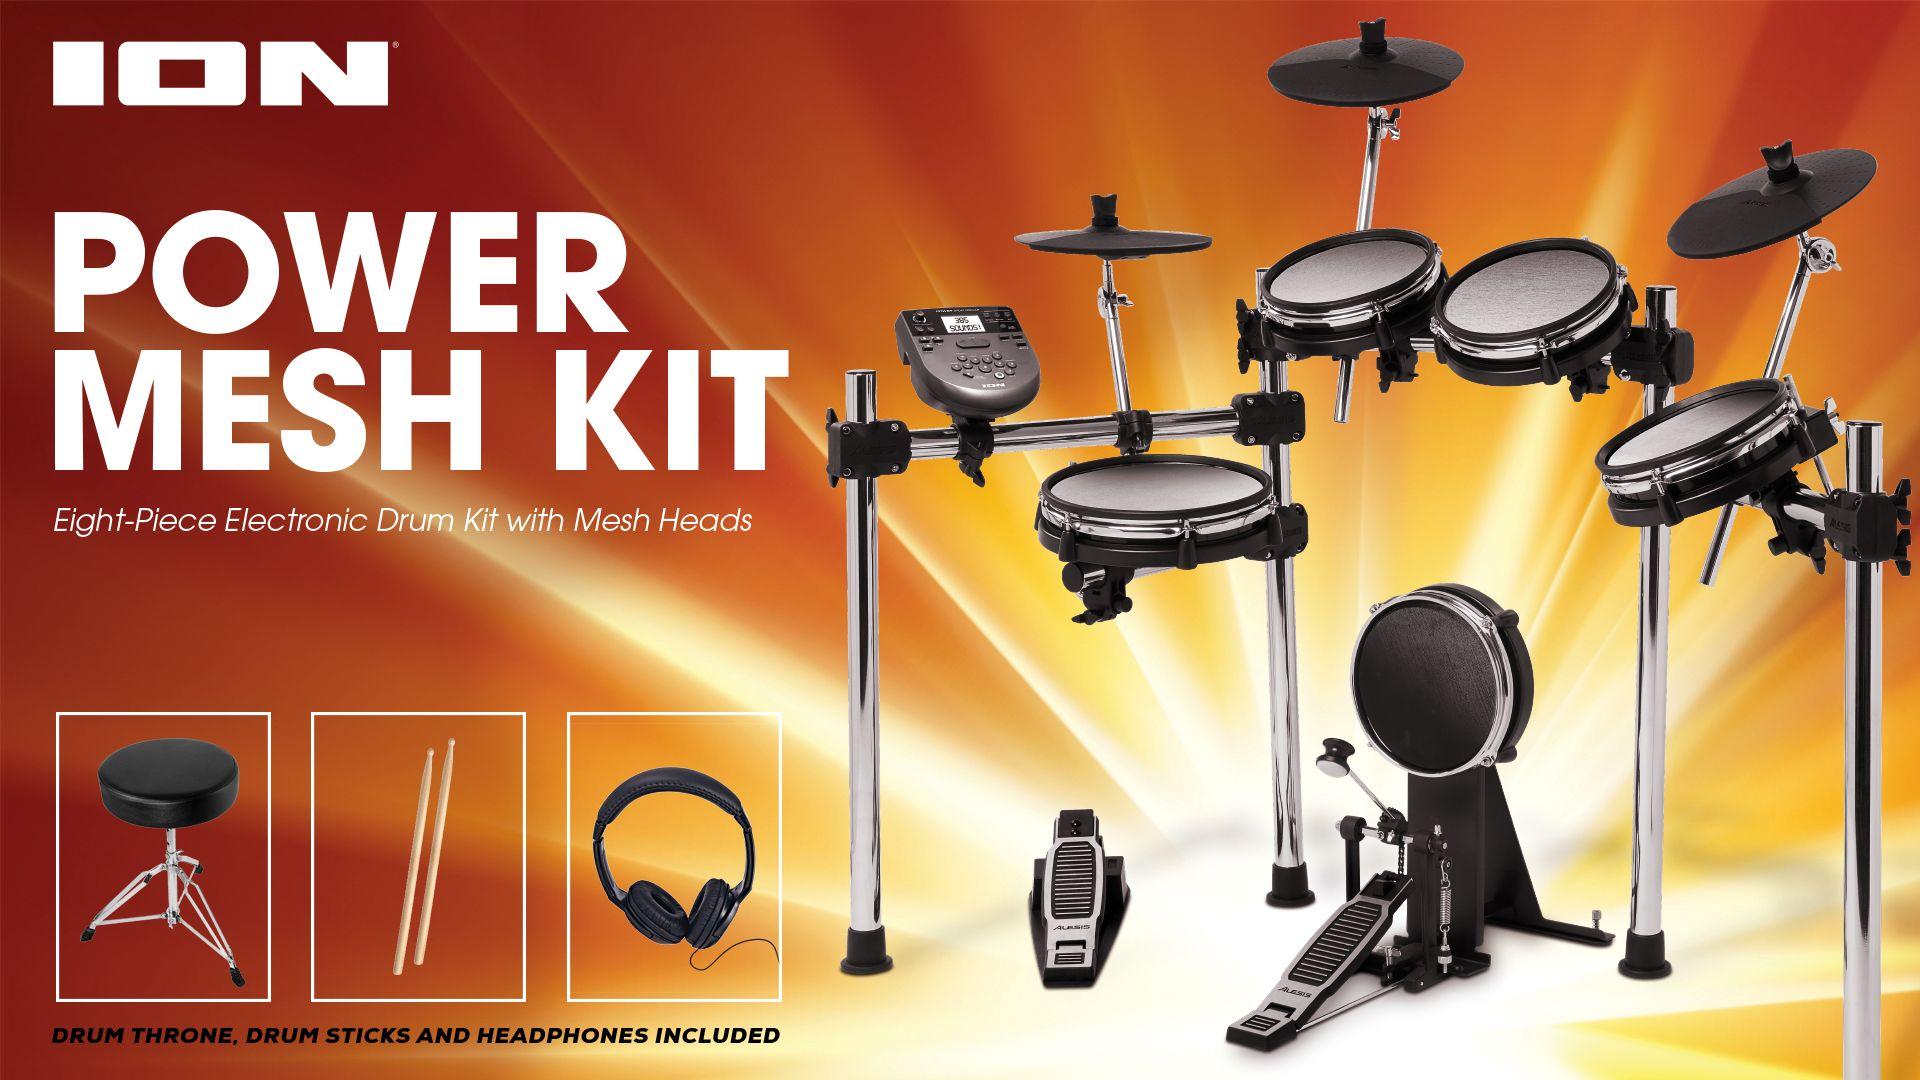 Ion Power Mesh Kit 8-piece Electronic Drum Kit - LDK22